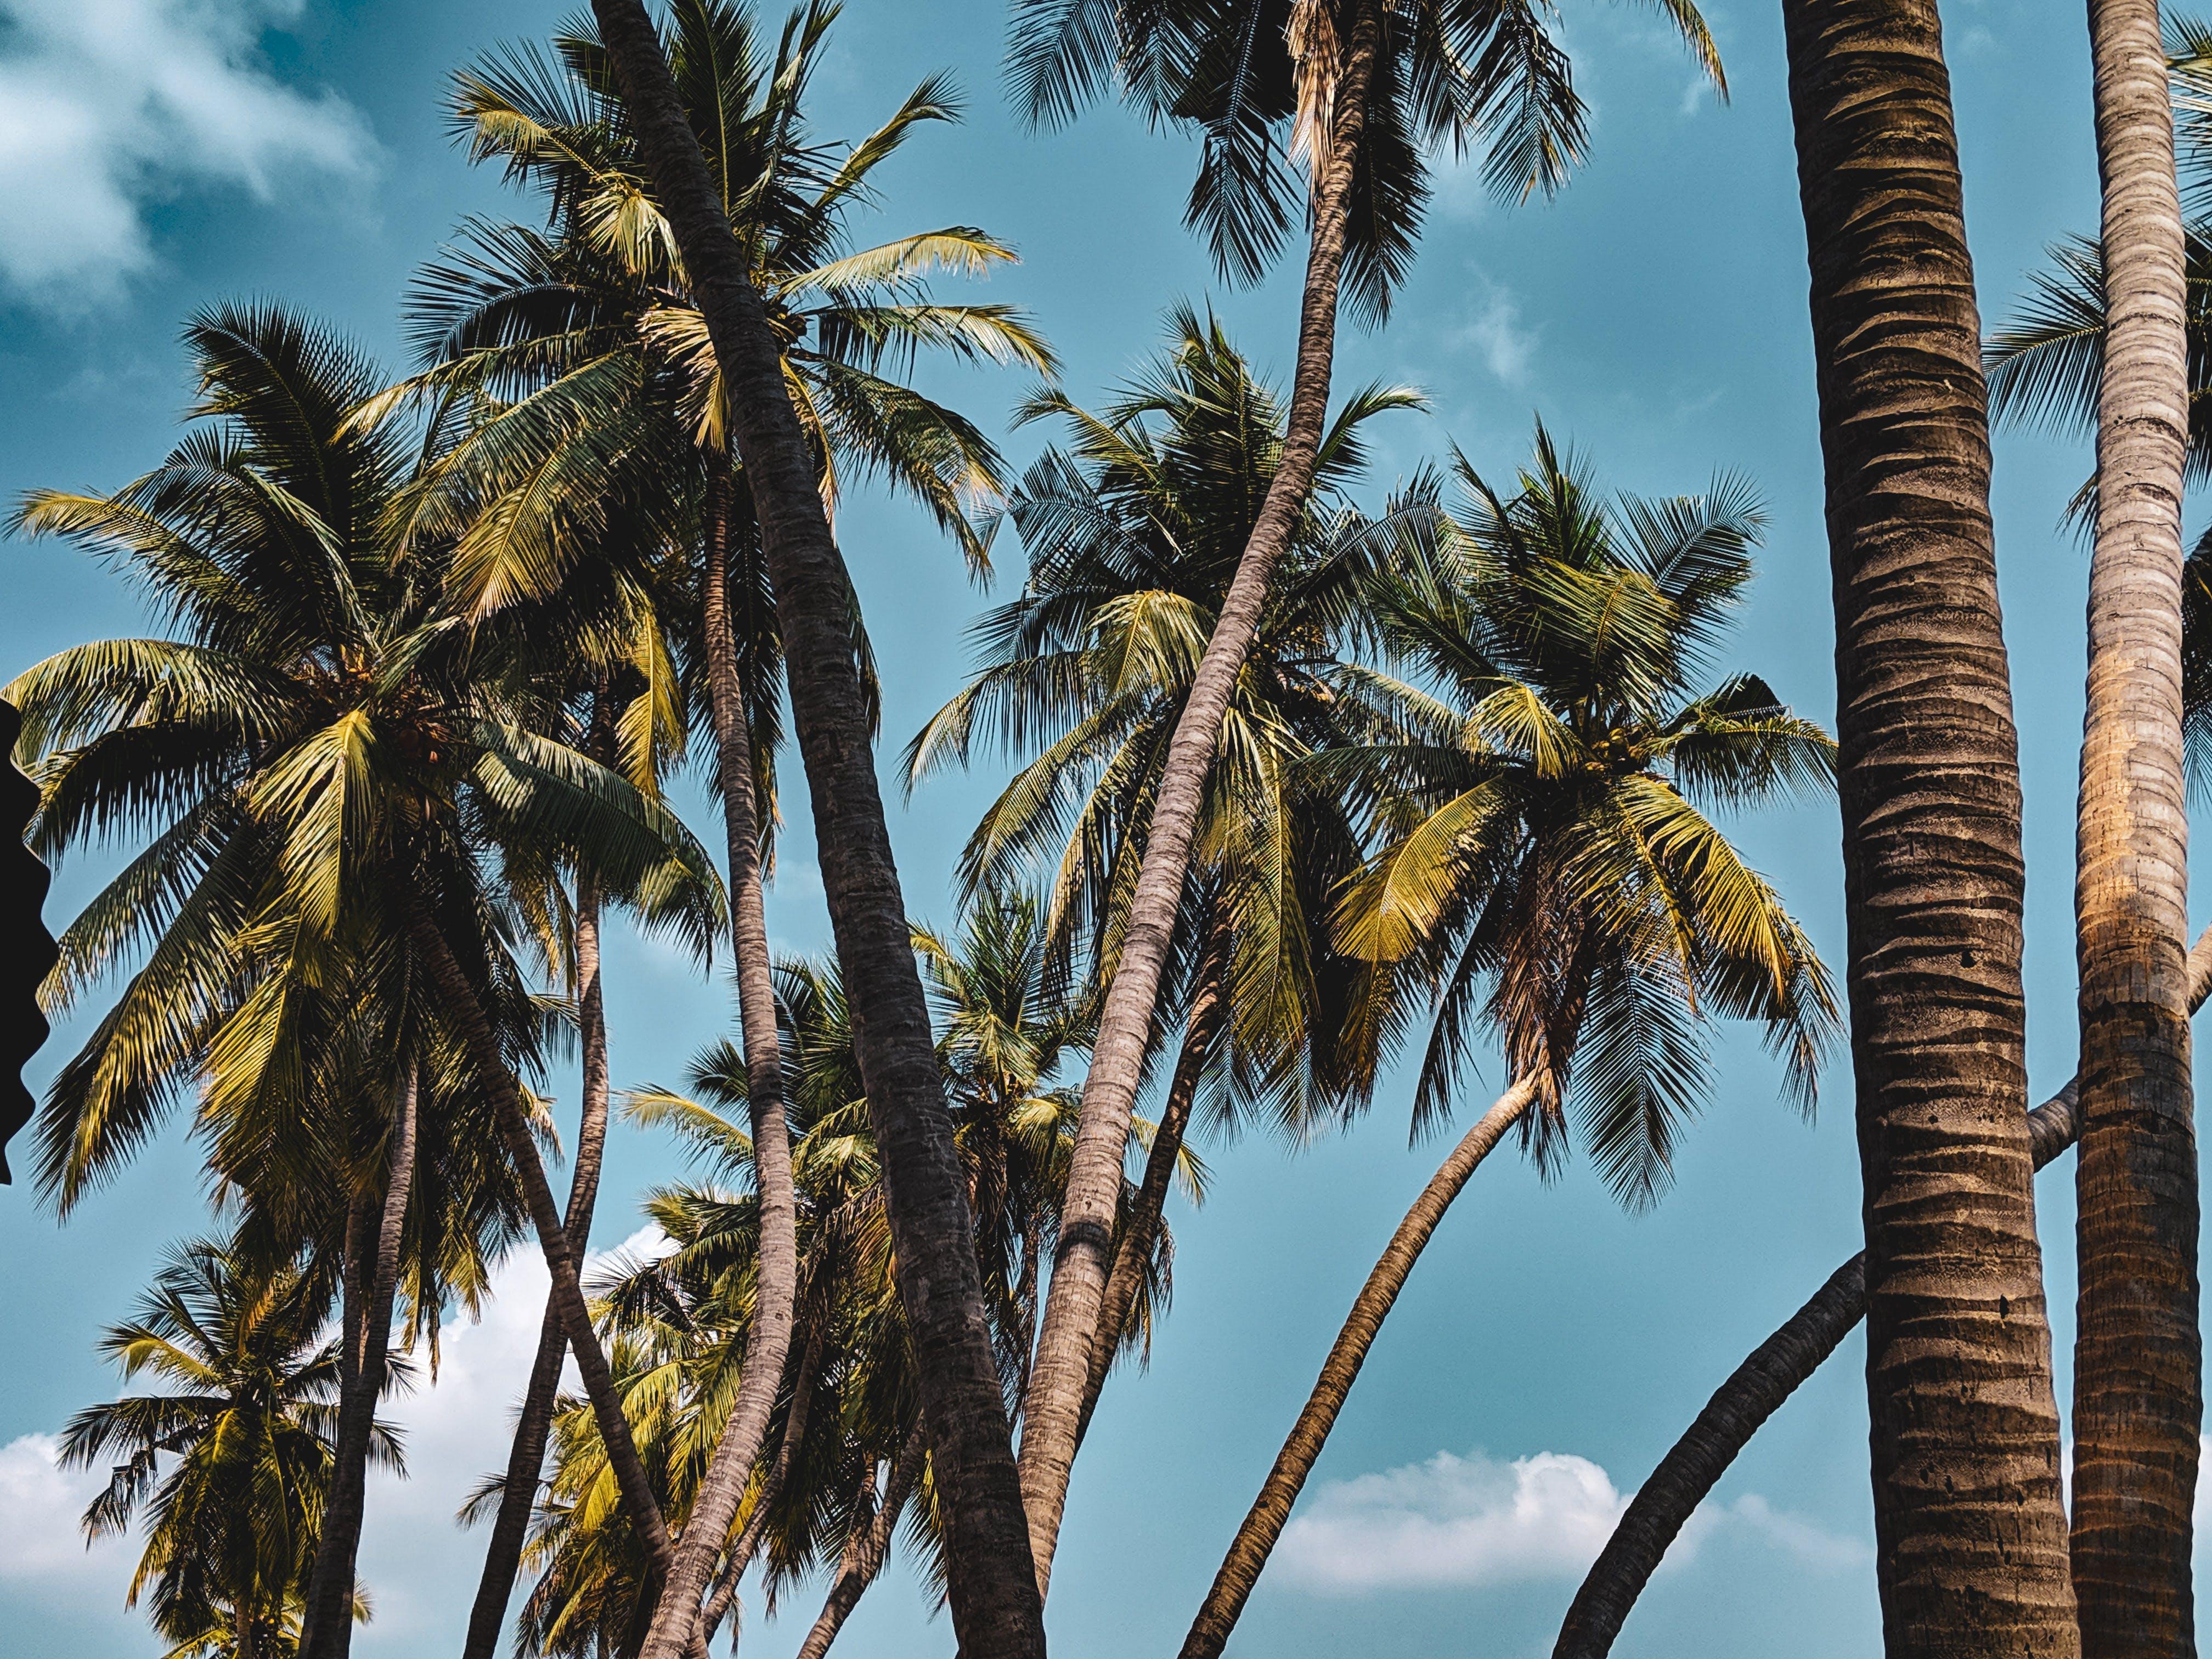 Gratis lagerfoto af blå himmel, himmelblå, høje træer, klar himmel